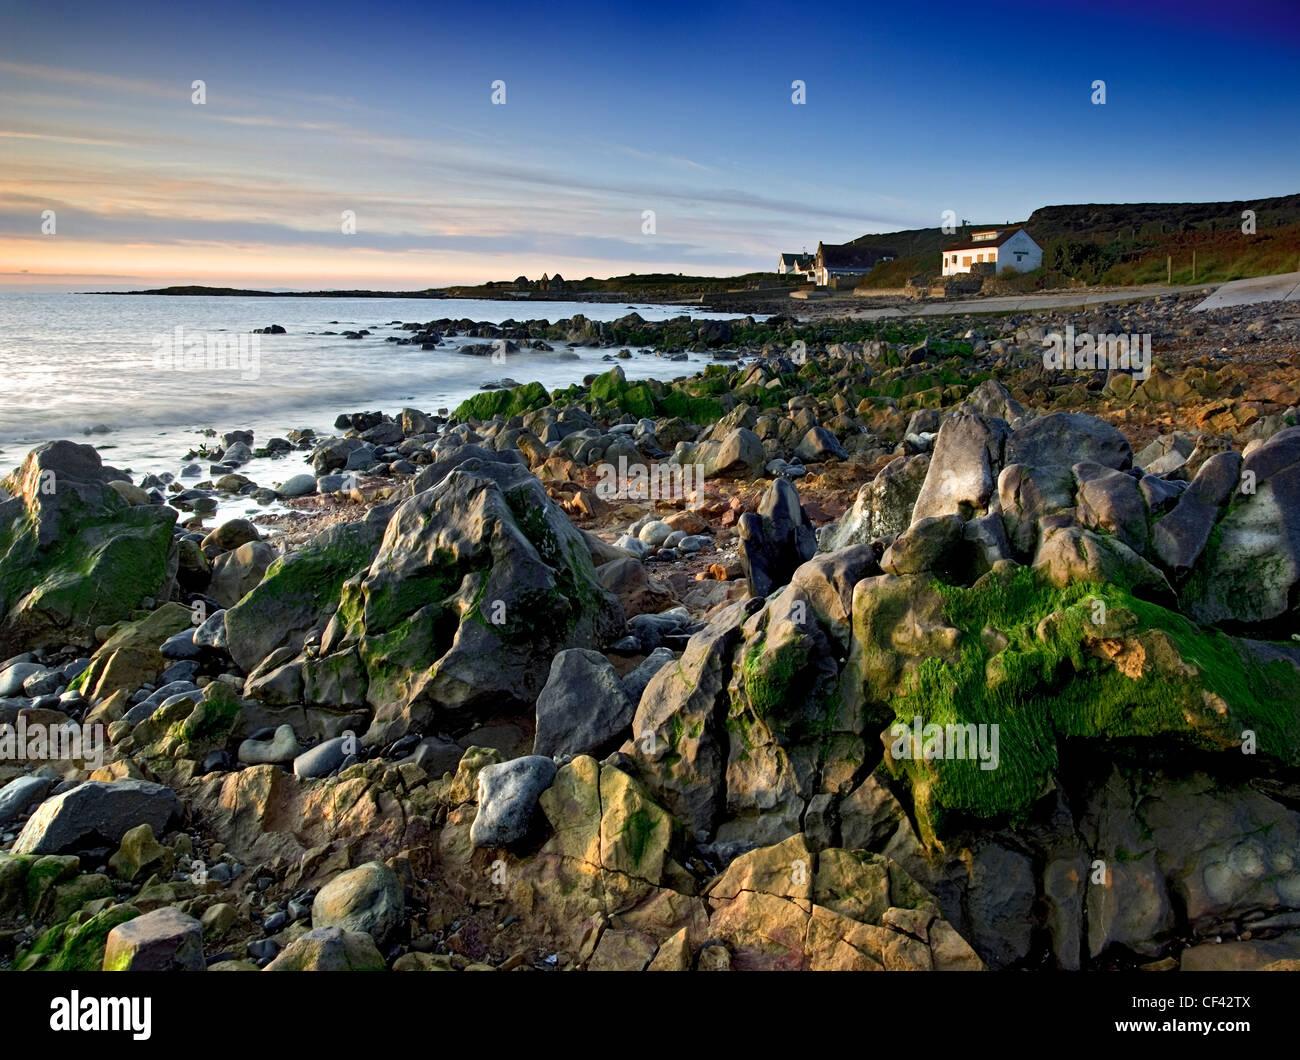 Alba si rompe sulla costa scoscesa a Port Eynon sulla Penisola di Gower. Immagini Stock